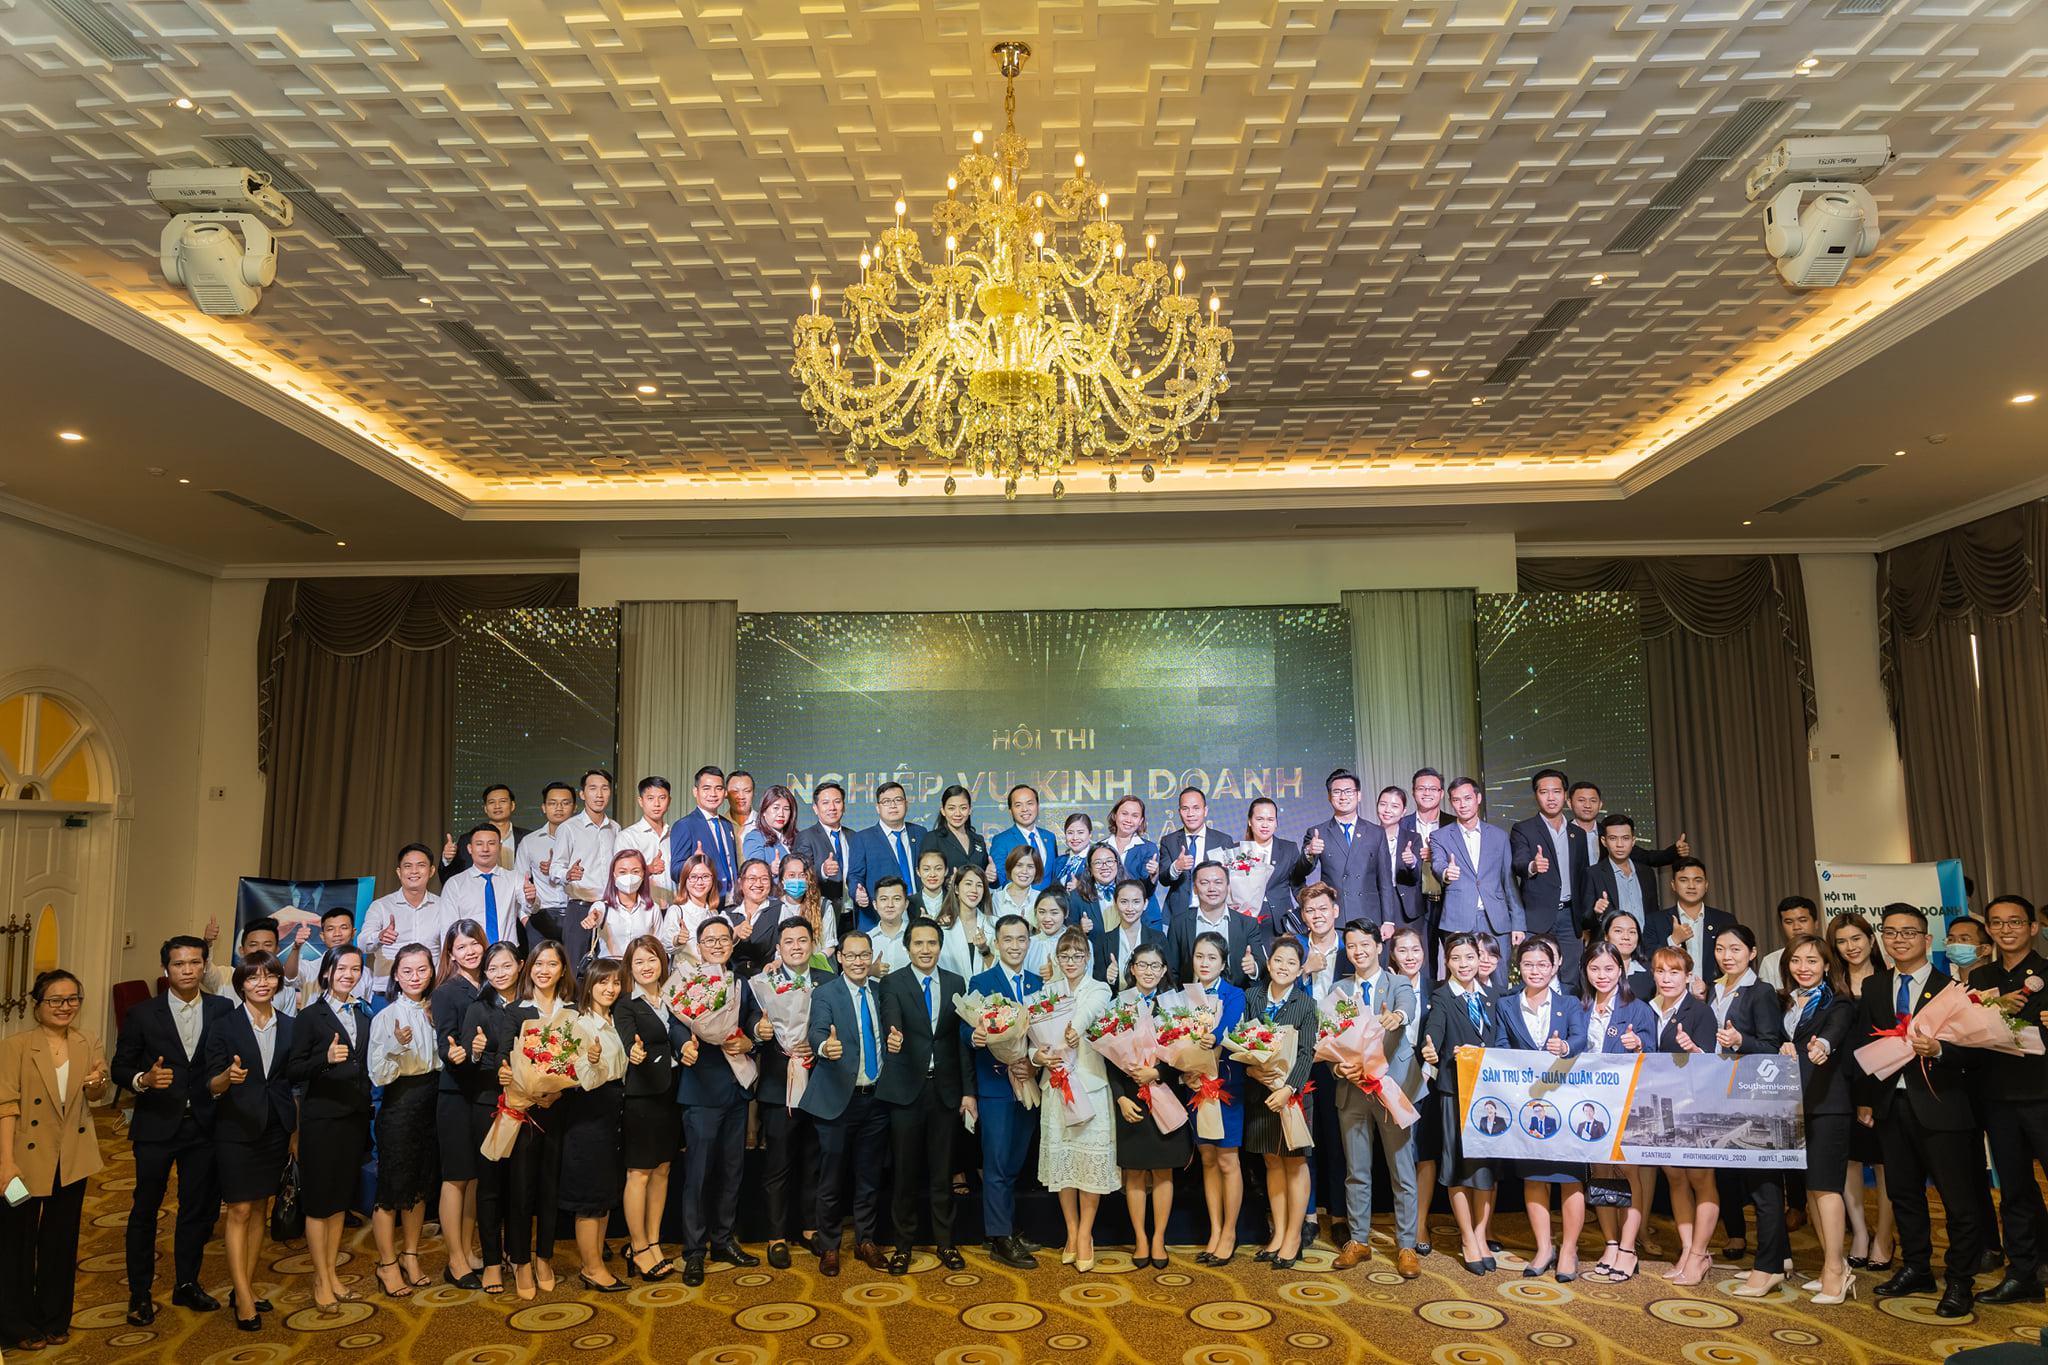 Hội thi nghiệp vụ kinh doanh bất động sản Southernhomes Việt Nam lần thứ 5